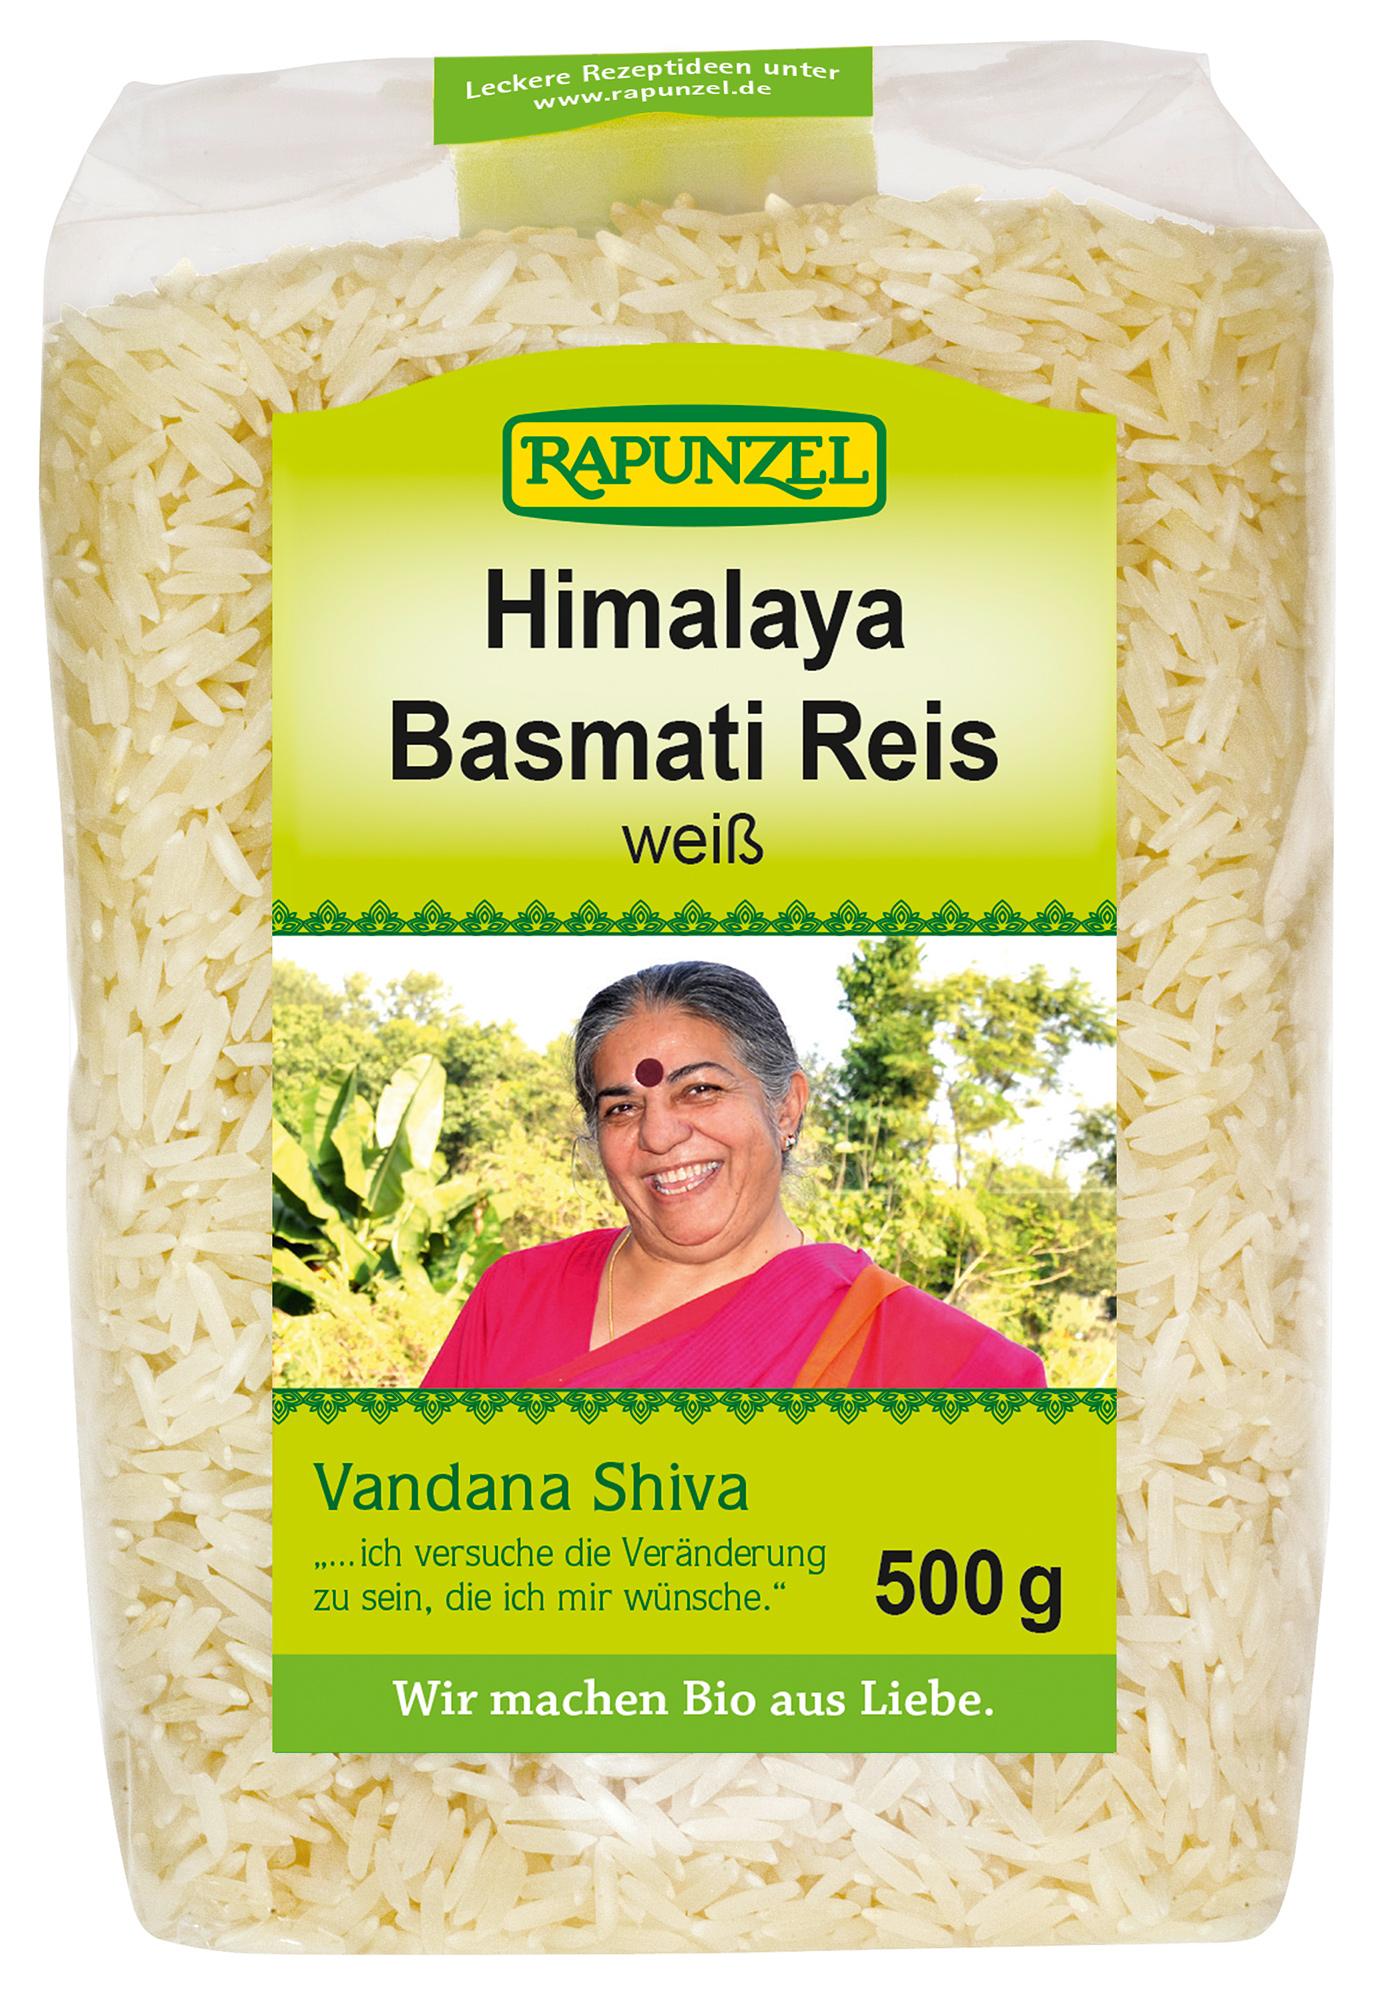 Bio Basmati Reis Vandana Shiva, weiß, 500 g